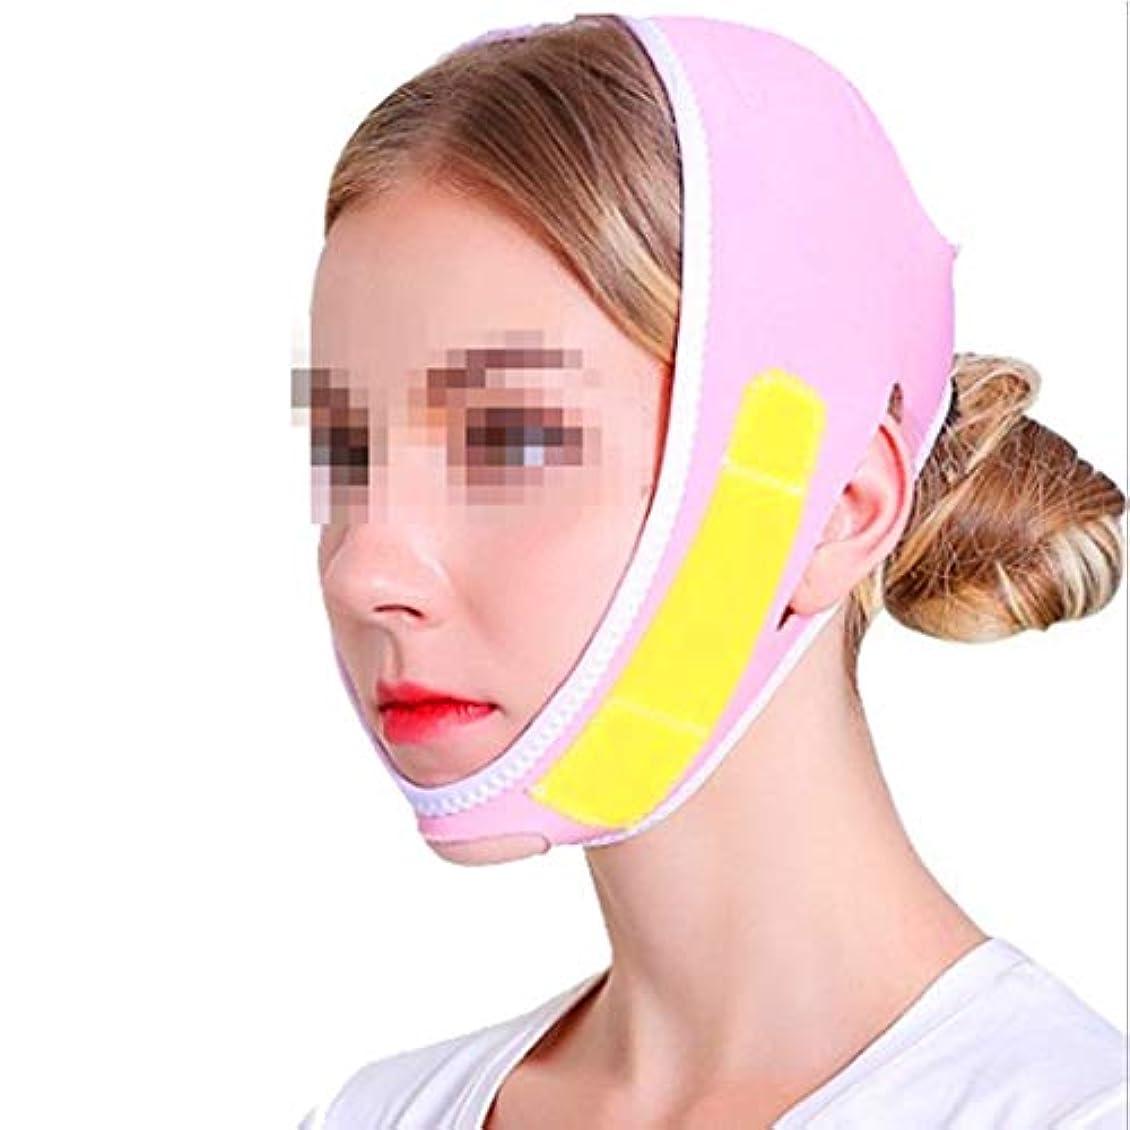 標準報酬木XHLMRMJ フェイスリフトマスク、Vフェイスフェイシャルリフティングおよび締め付けをローラインマッサージ師ダブルチン美容整形包帯マルチカラーオプション (Color : Pink)